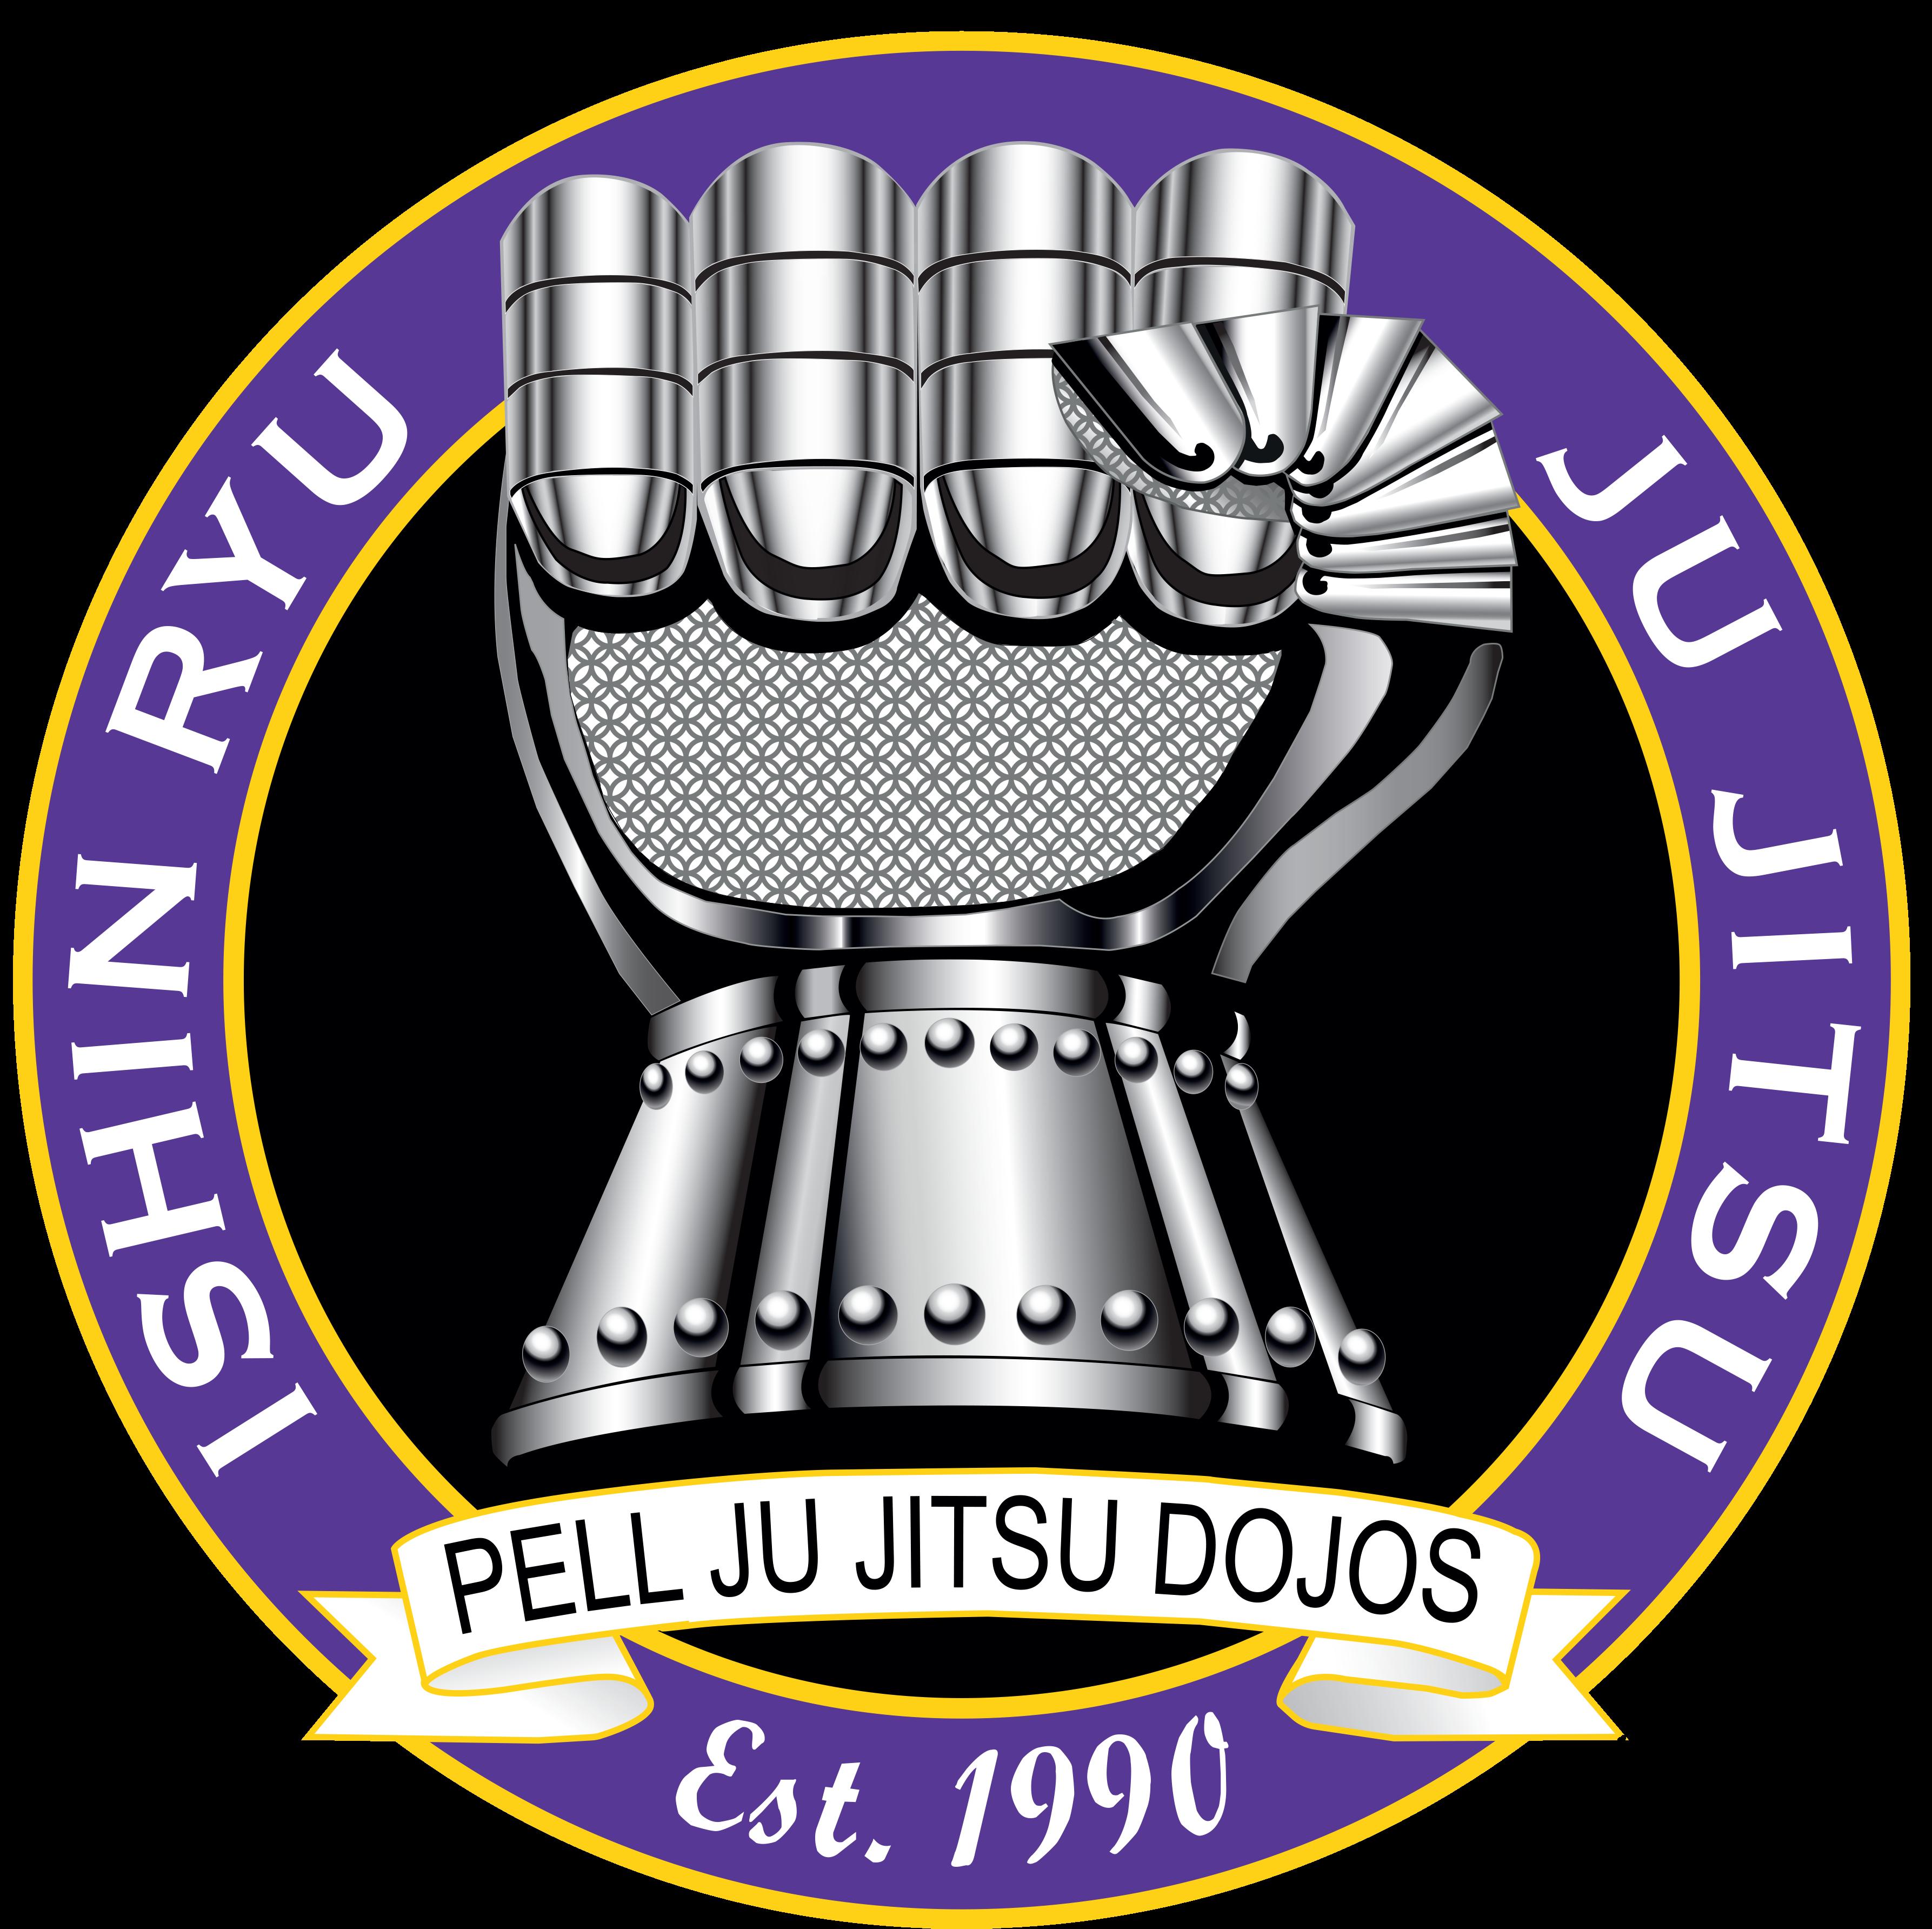 Ishin Ryu Ju Jitsu